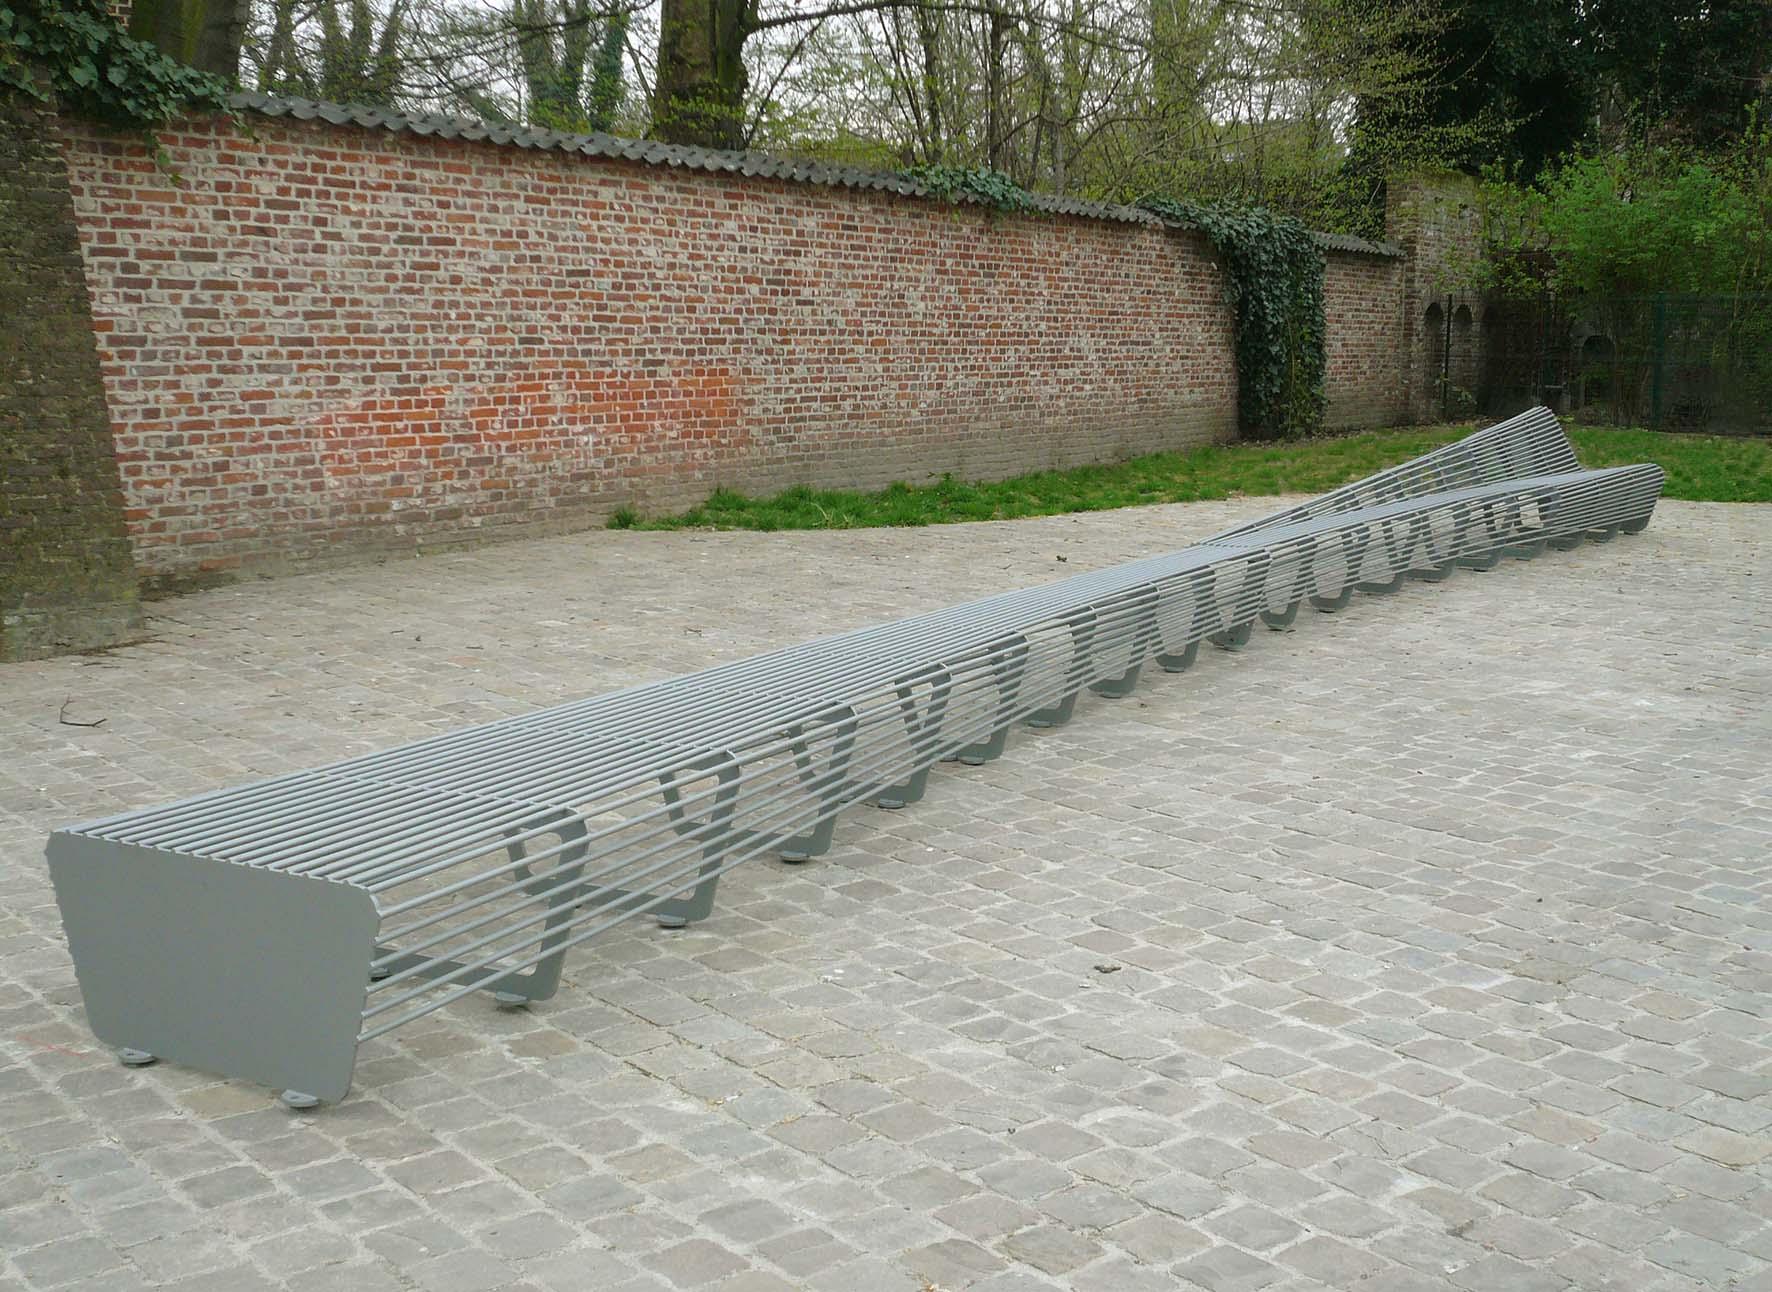 circular bench_Bruxelles 1070_Lucile Soufflet2